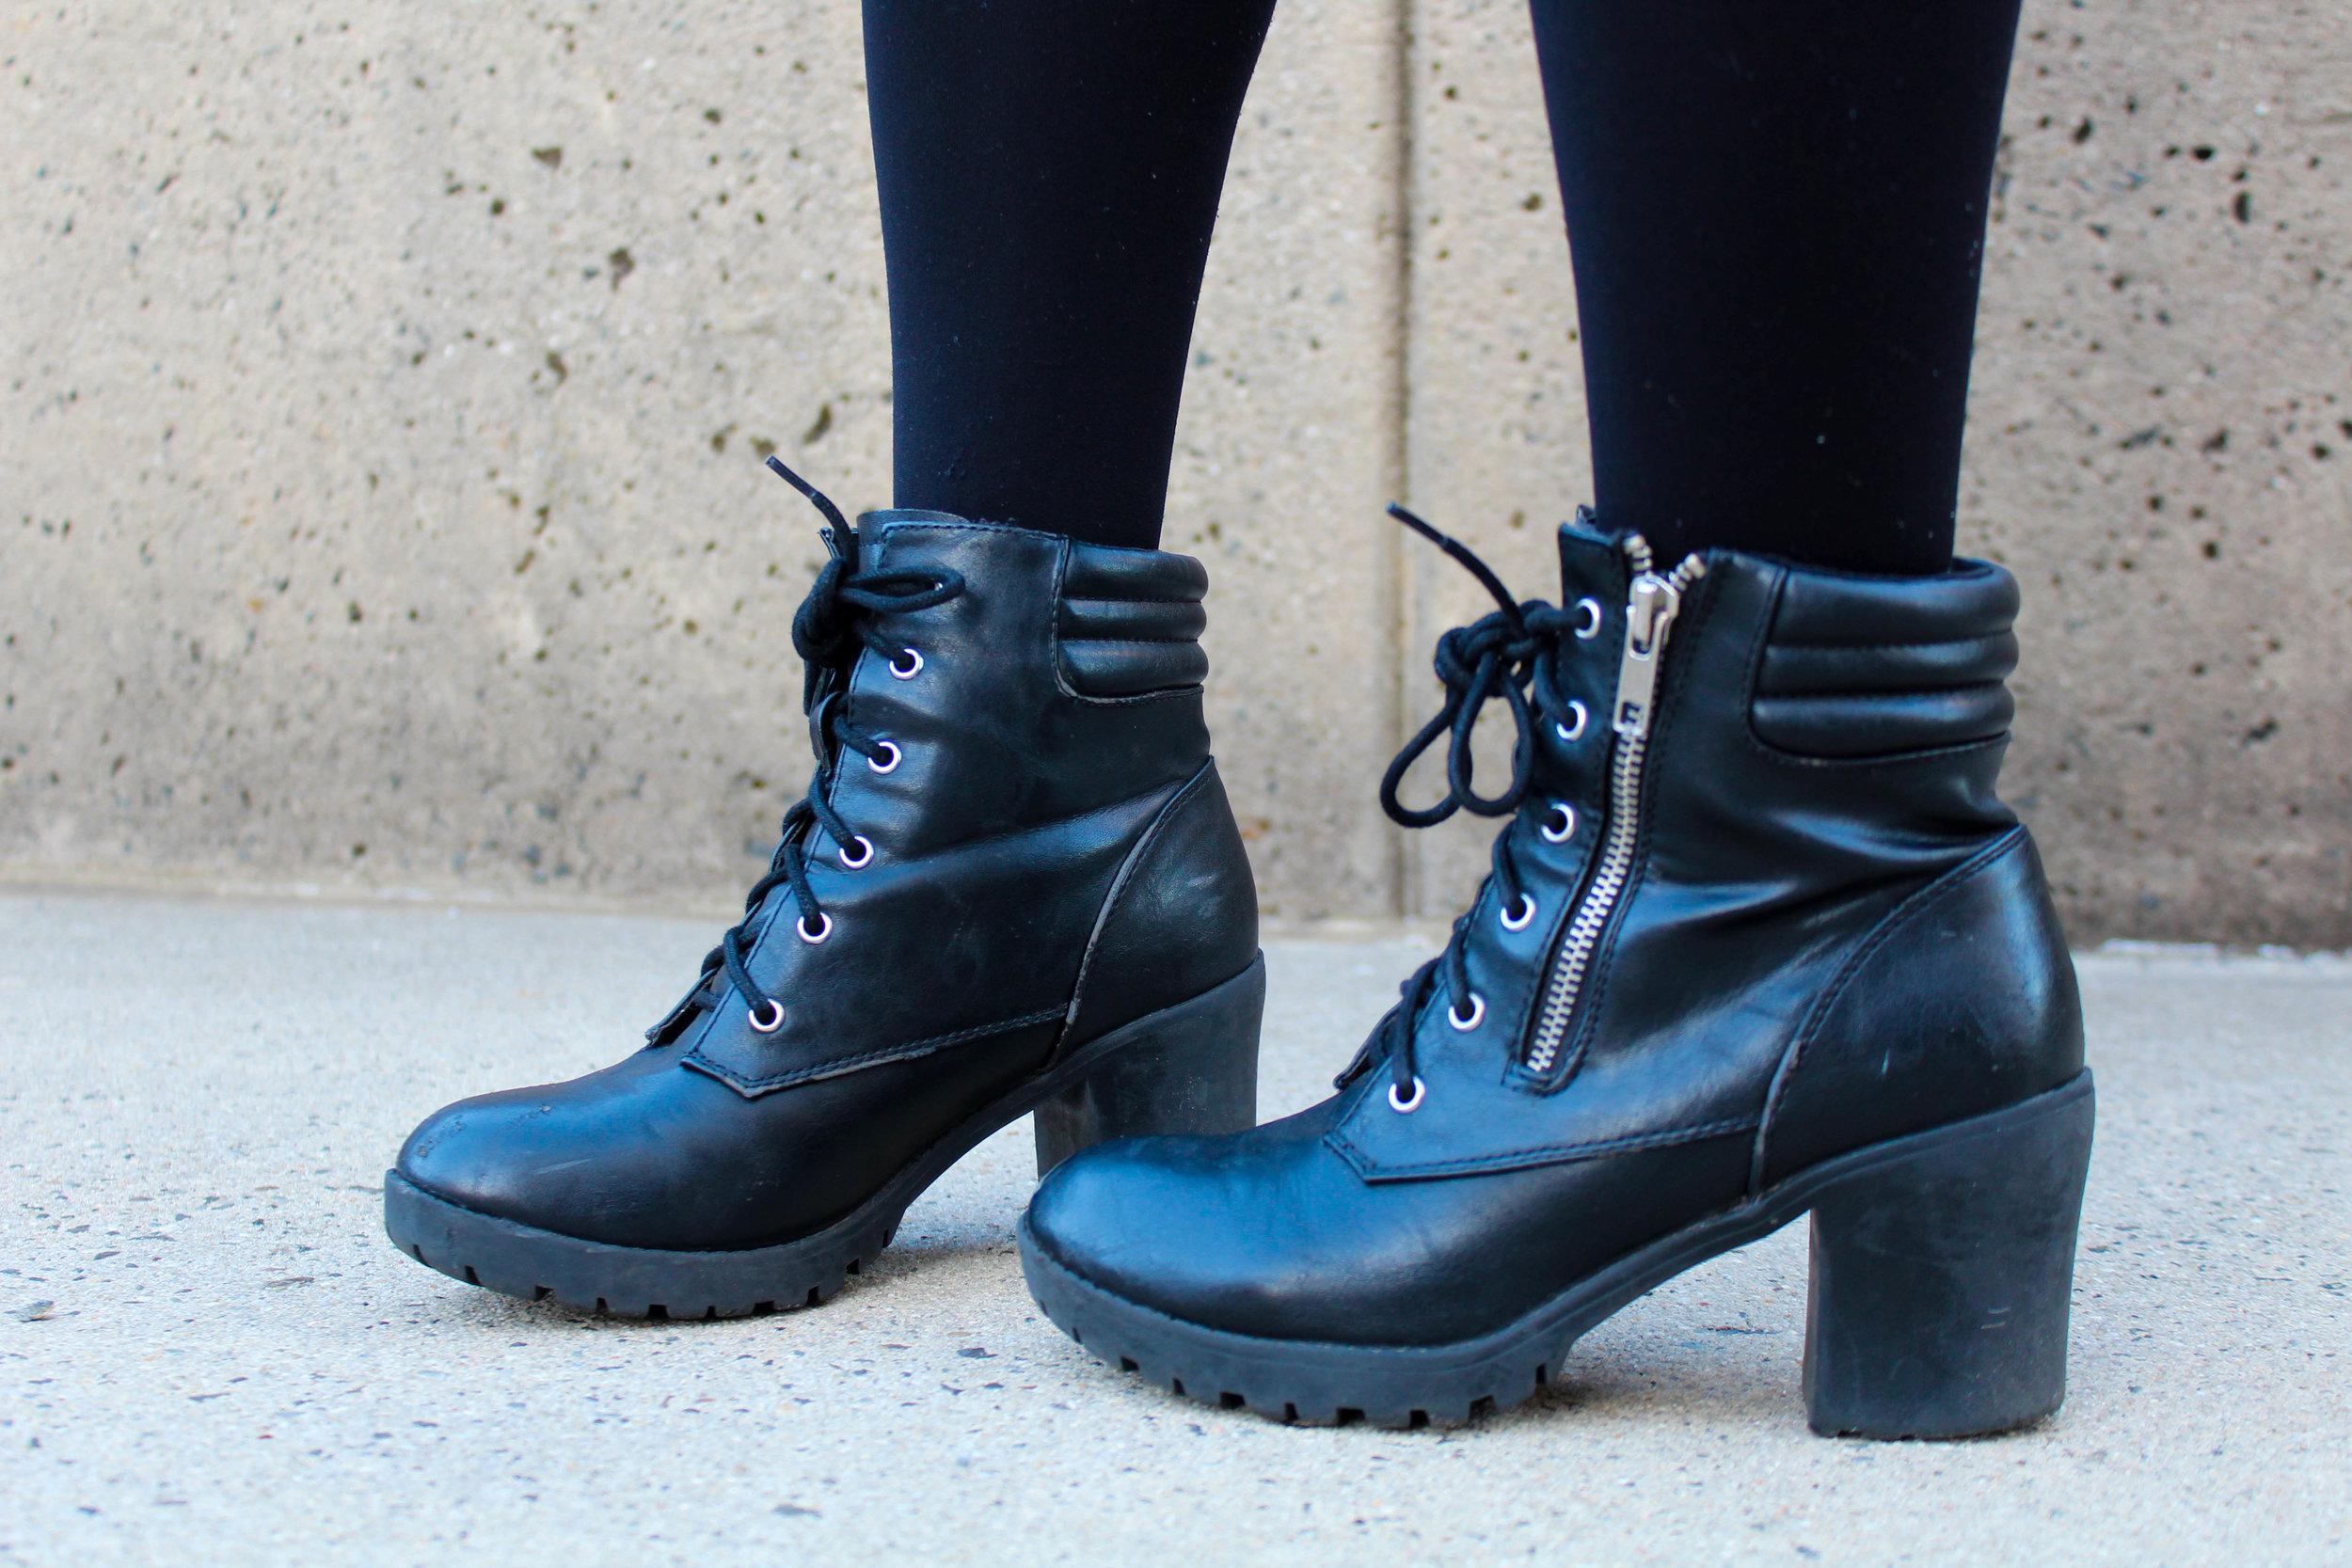 Boots-1377.jpg